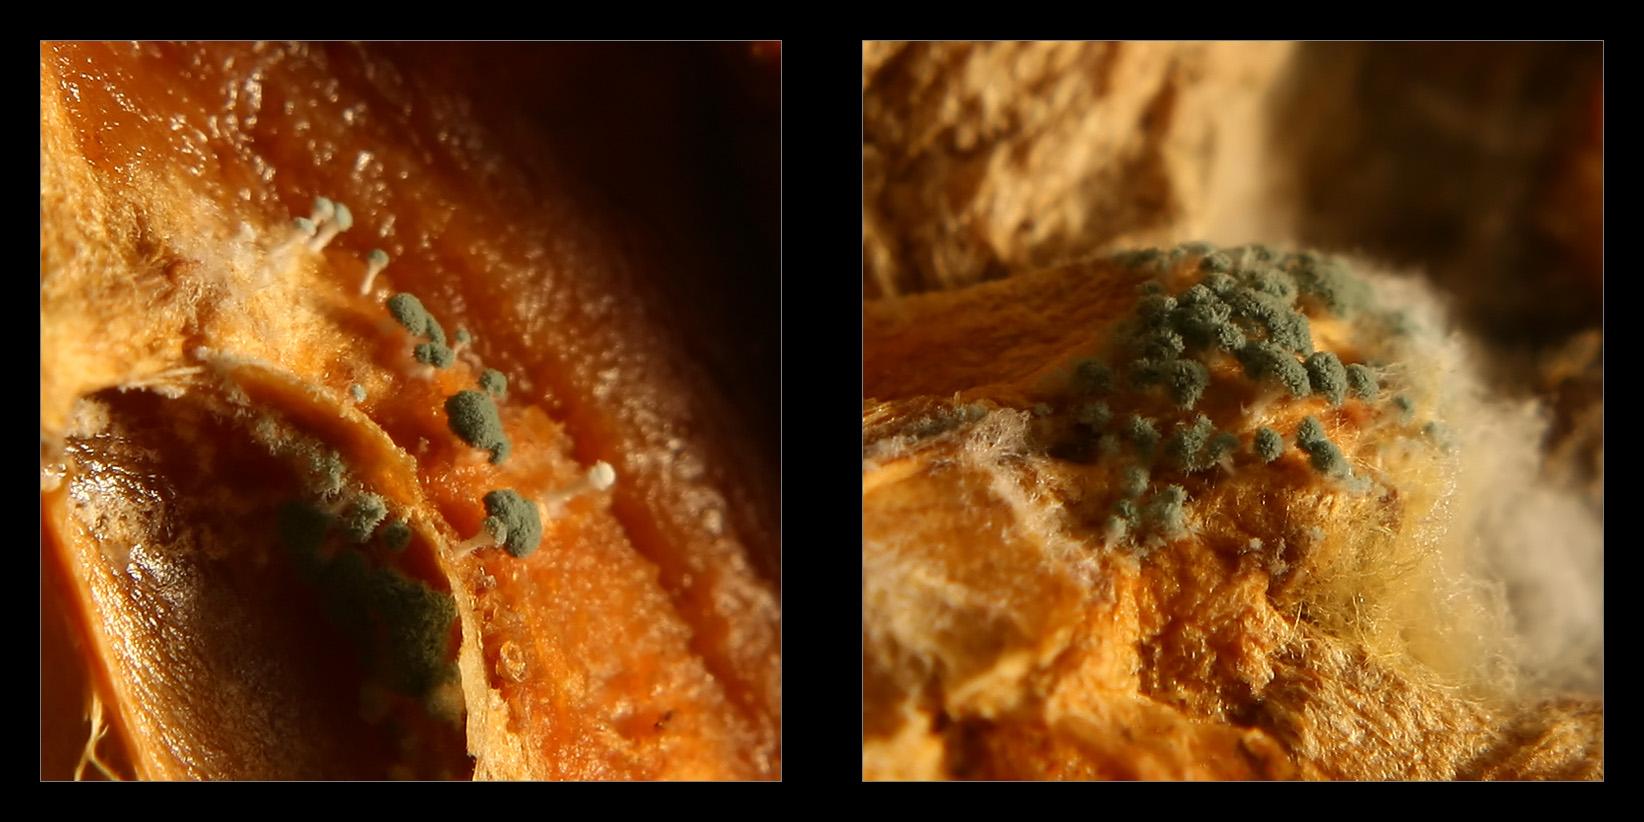 Penicillium sp. by pleautaud